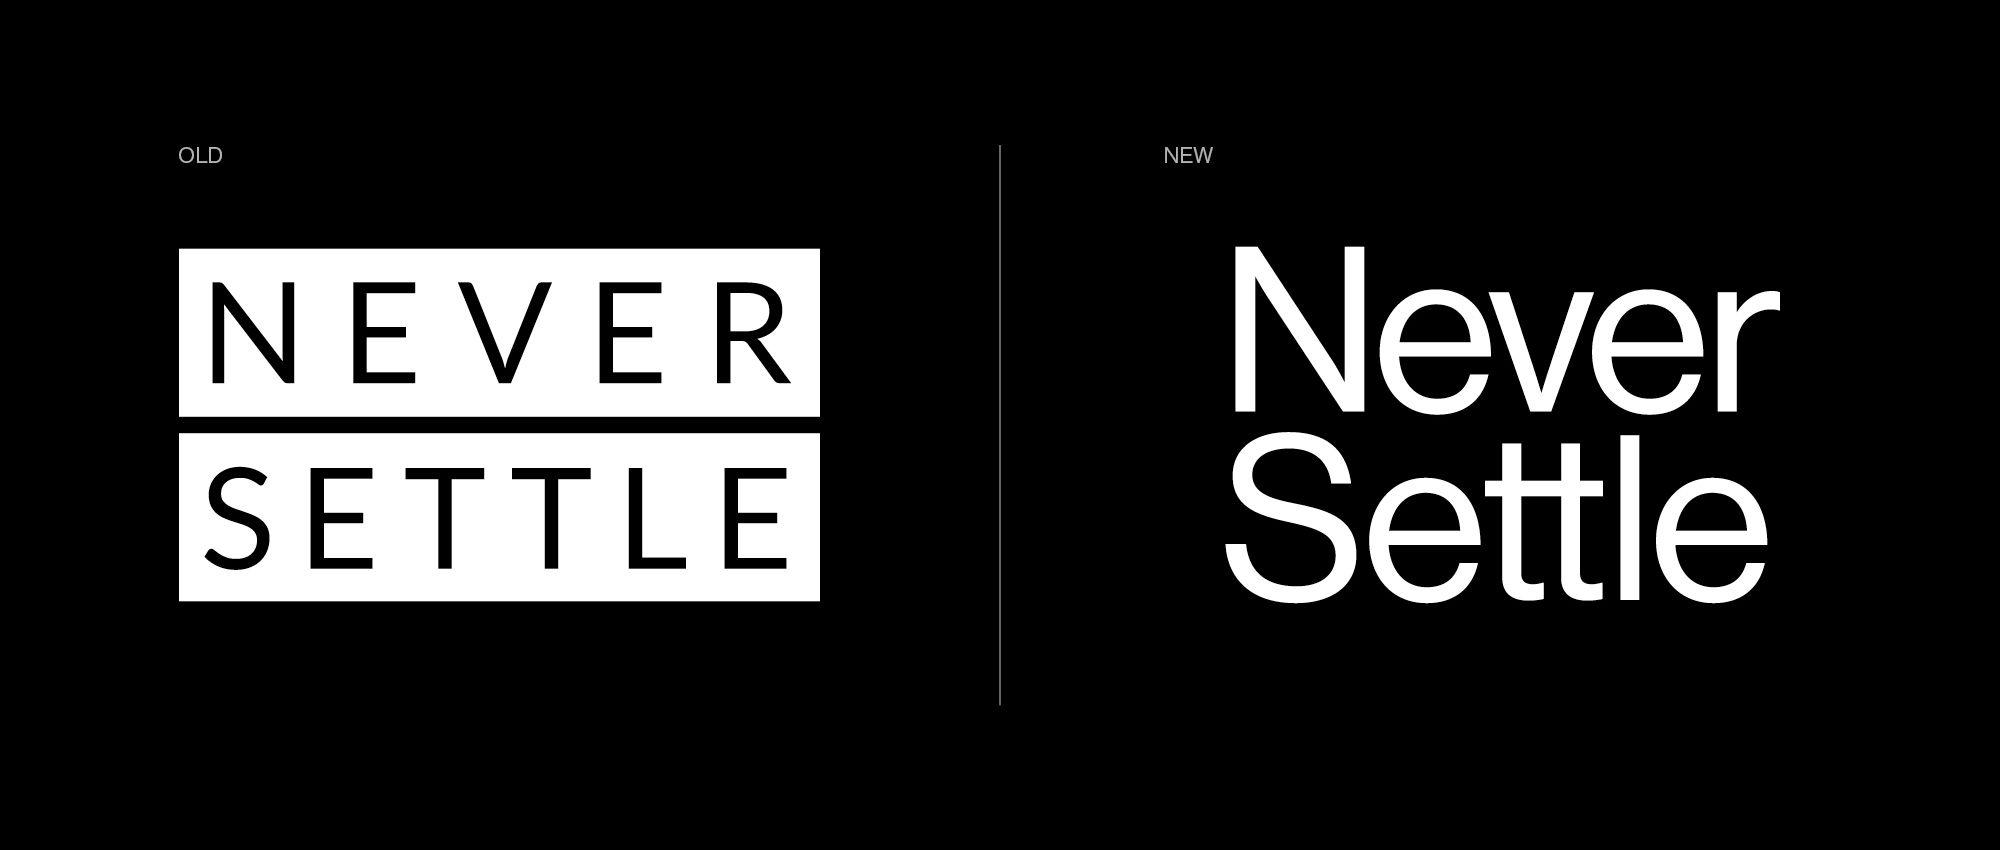 OnePlus New typeface (2)